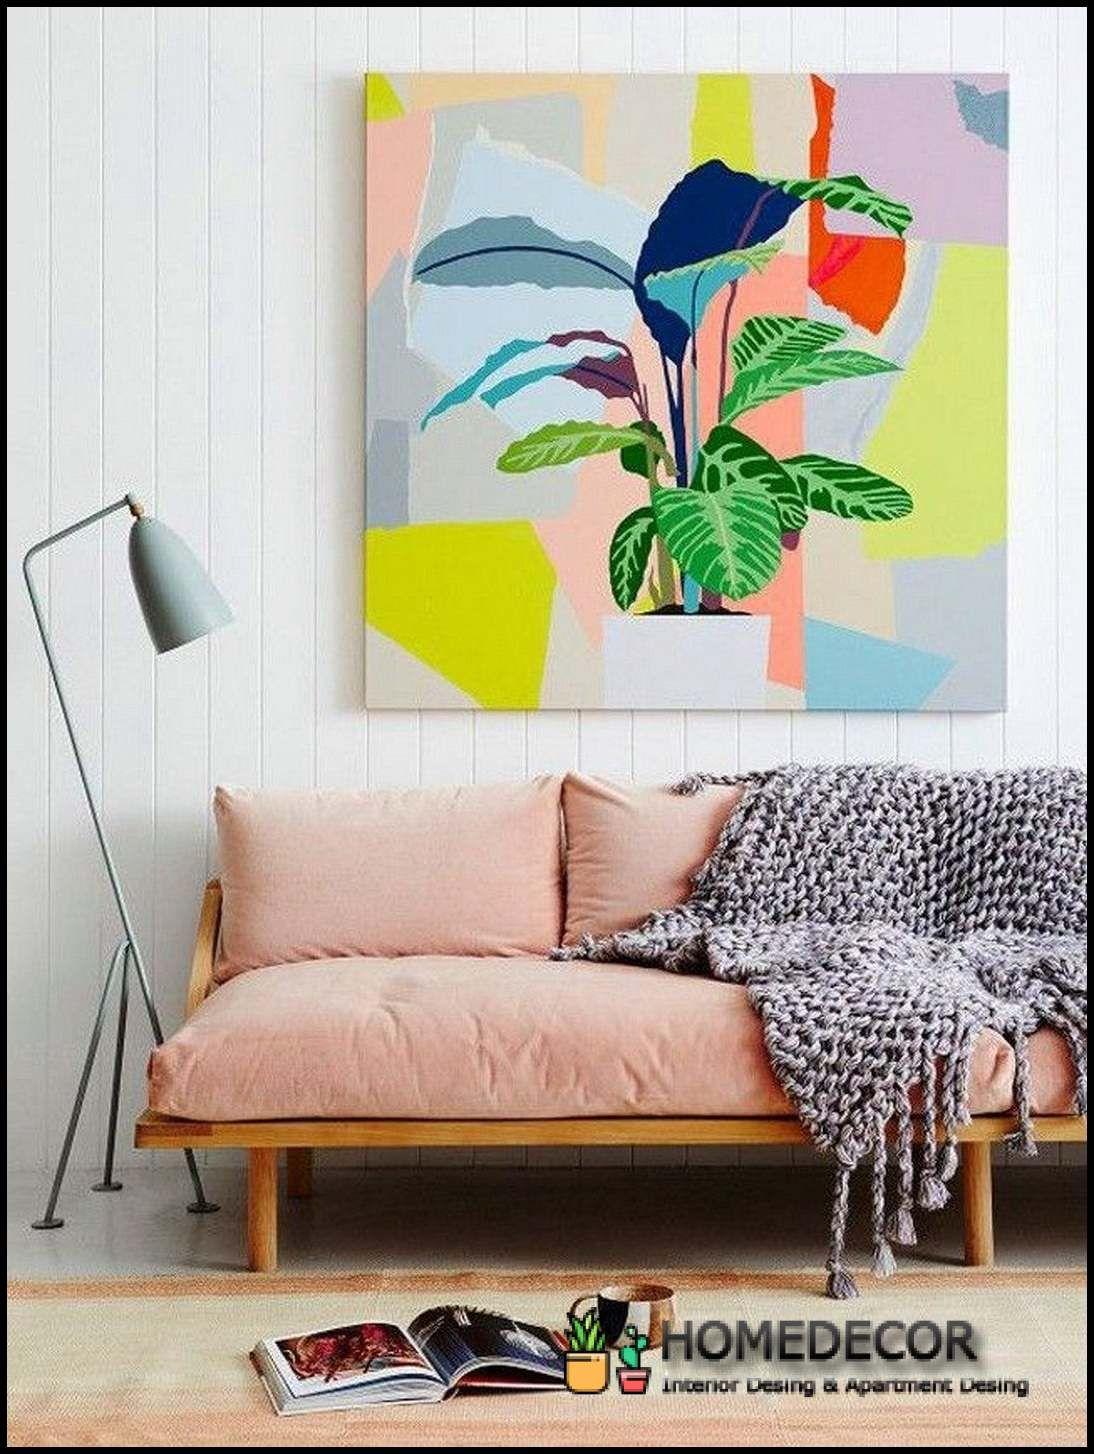 Wohnkultur design bilder  wunderbare minimalistische wohnzimmer dekoration ideen